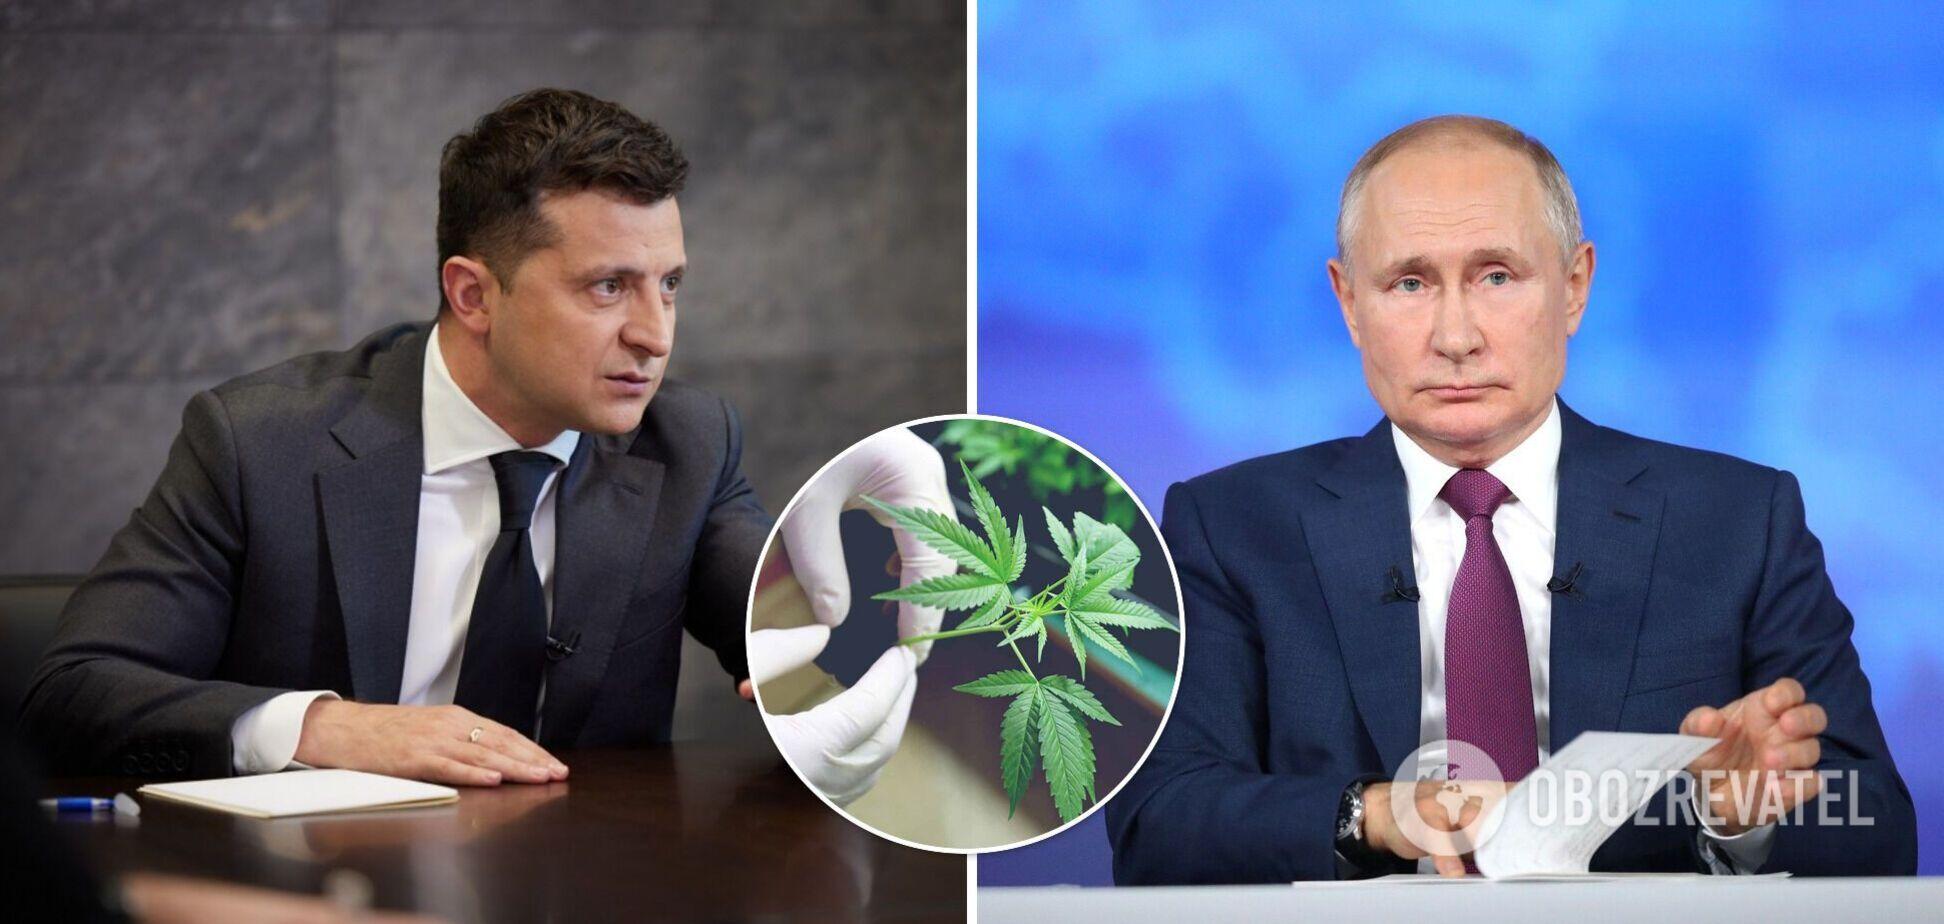 Новости Украины: Зеленский созывает ВР для легализации каннабиса, а Путин написал статью на украинском языке